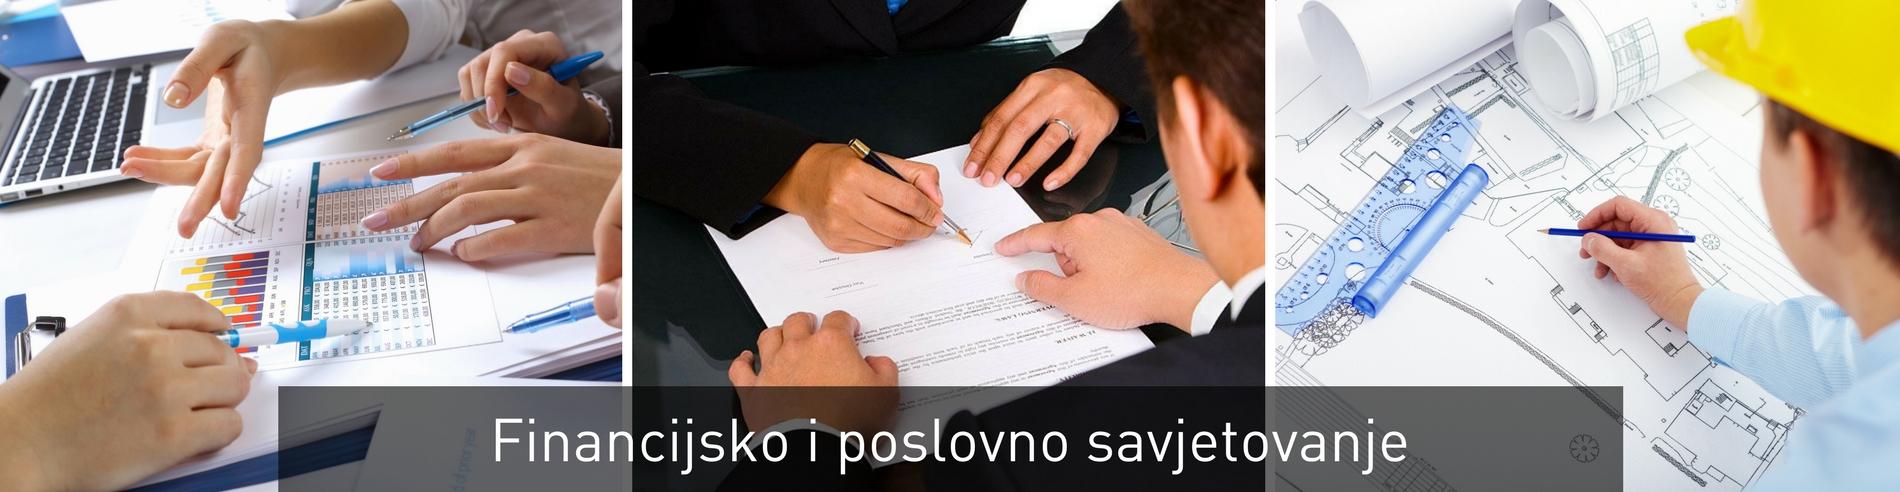 Financijsko i poslovno savjetovanje - Speculum